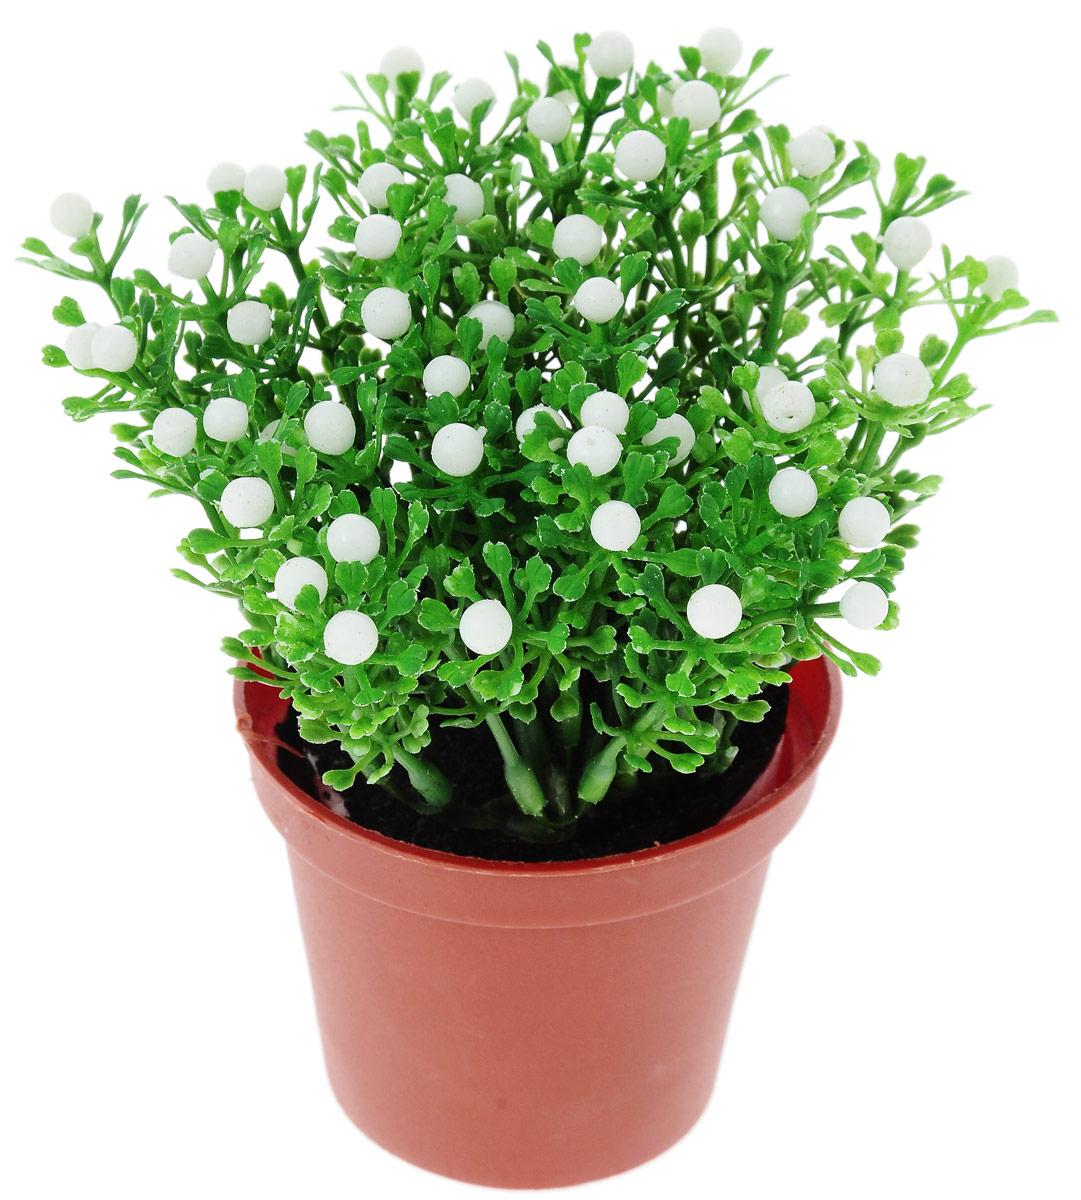 Растение искусственное для мини-сада Bloom`its, высота 14,8 см804833_зеленый, белыйИскусственное растение Bloom`its поможет создать свой собственный мини-сад. Заниматься ландшафтным дизайном и декором теперь можно, даже если у вас нет своего загородного дома, причем не выходя из дома. Устройте себе удовольствие садовода, собирая миниатюрные фигурки и составляя из них различные композиции. Объедините миниатюрные изделия в емкости (керамический горшок, корзина, деревянный ящик или стеклянная посуда) и добавьте мини-растения. Это не только поможет увлекательно провести время, раскрывая ваше воображение и фантазию, результат работы станет стильным и необычным украшением интерьера.